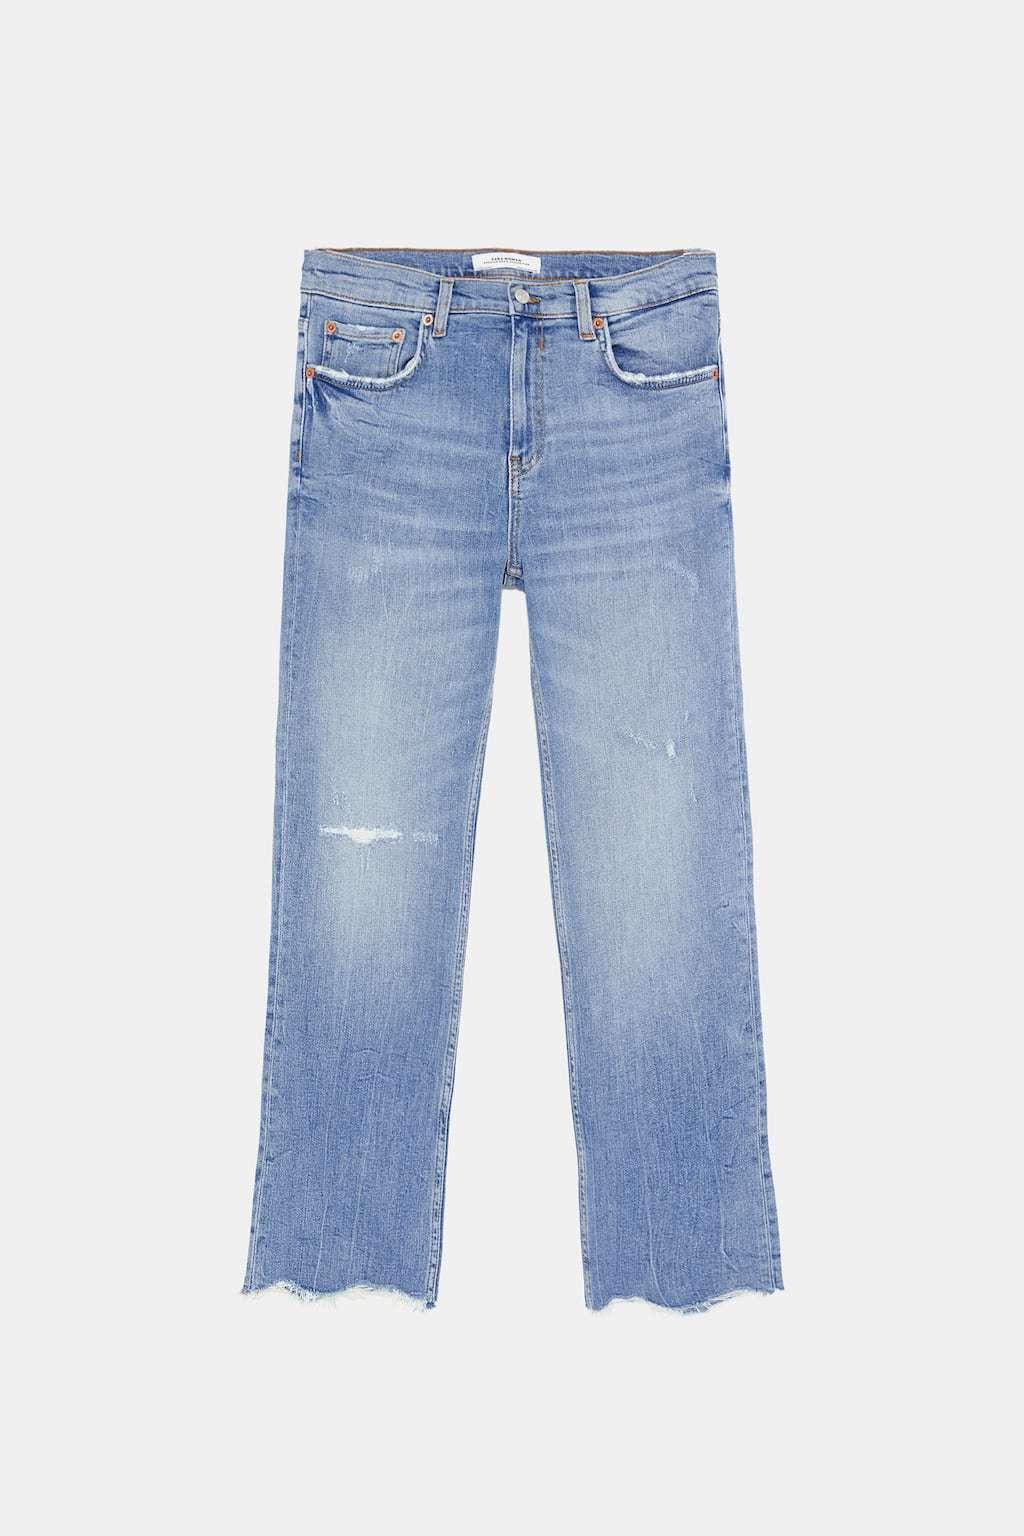 Jeans de tiro alto con efecto lavado, de Zara (29,95 euros).